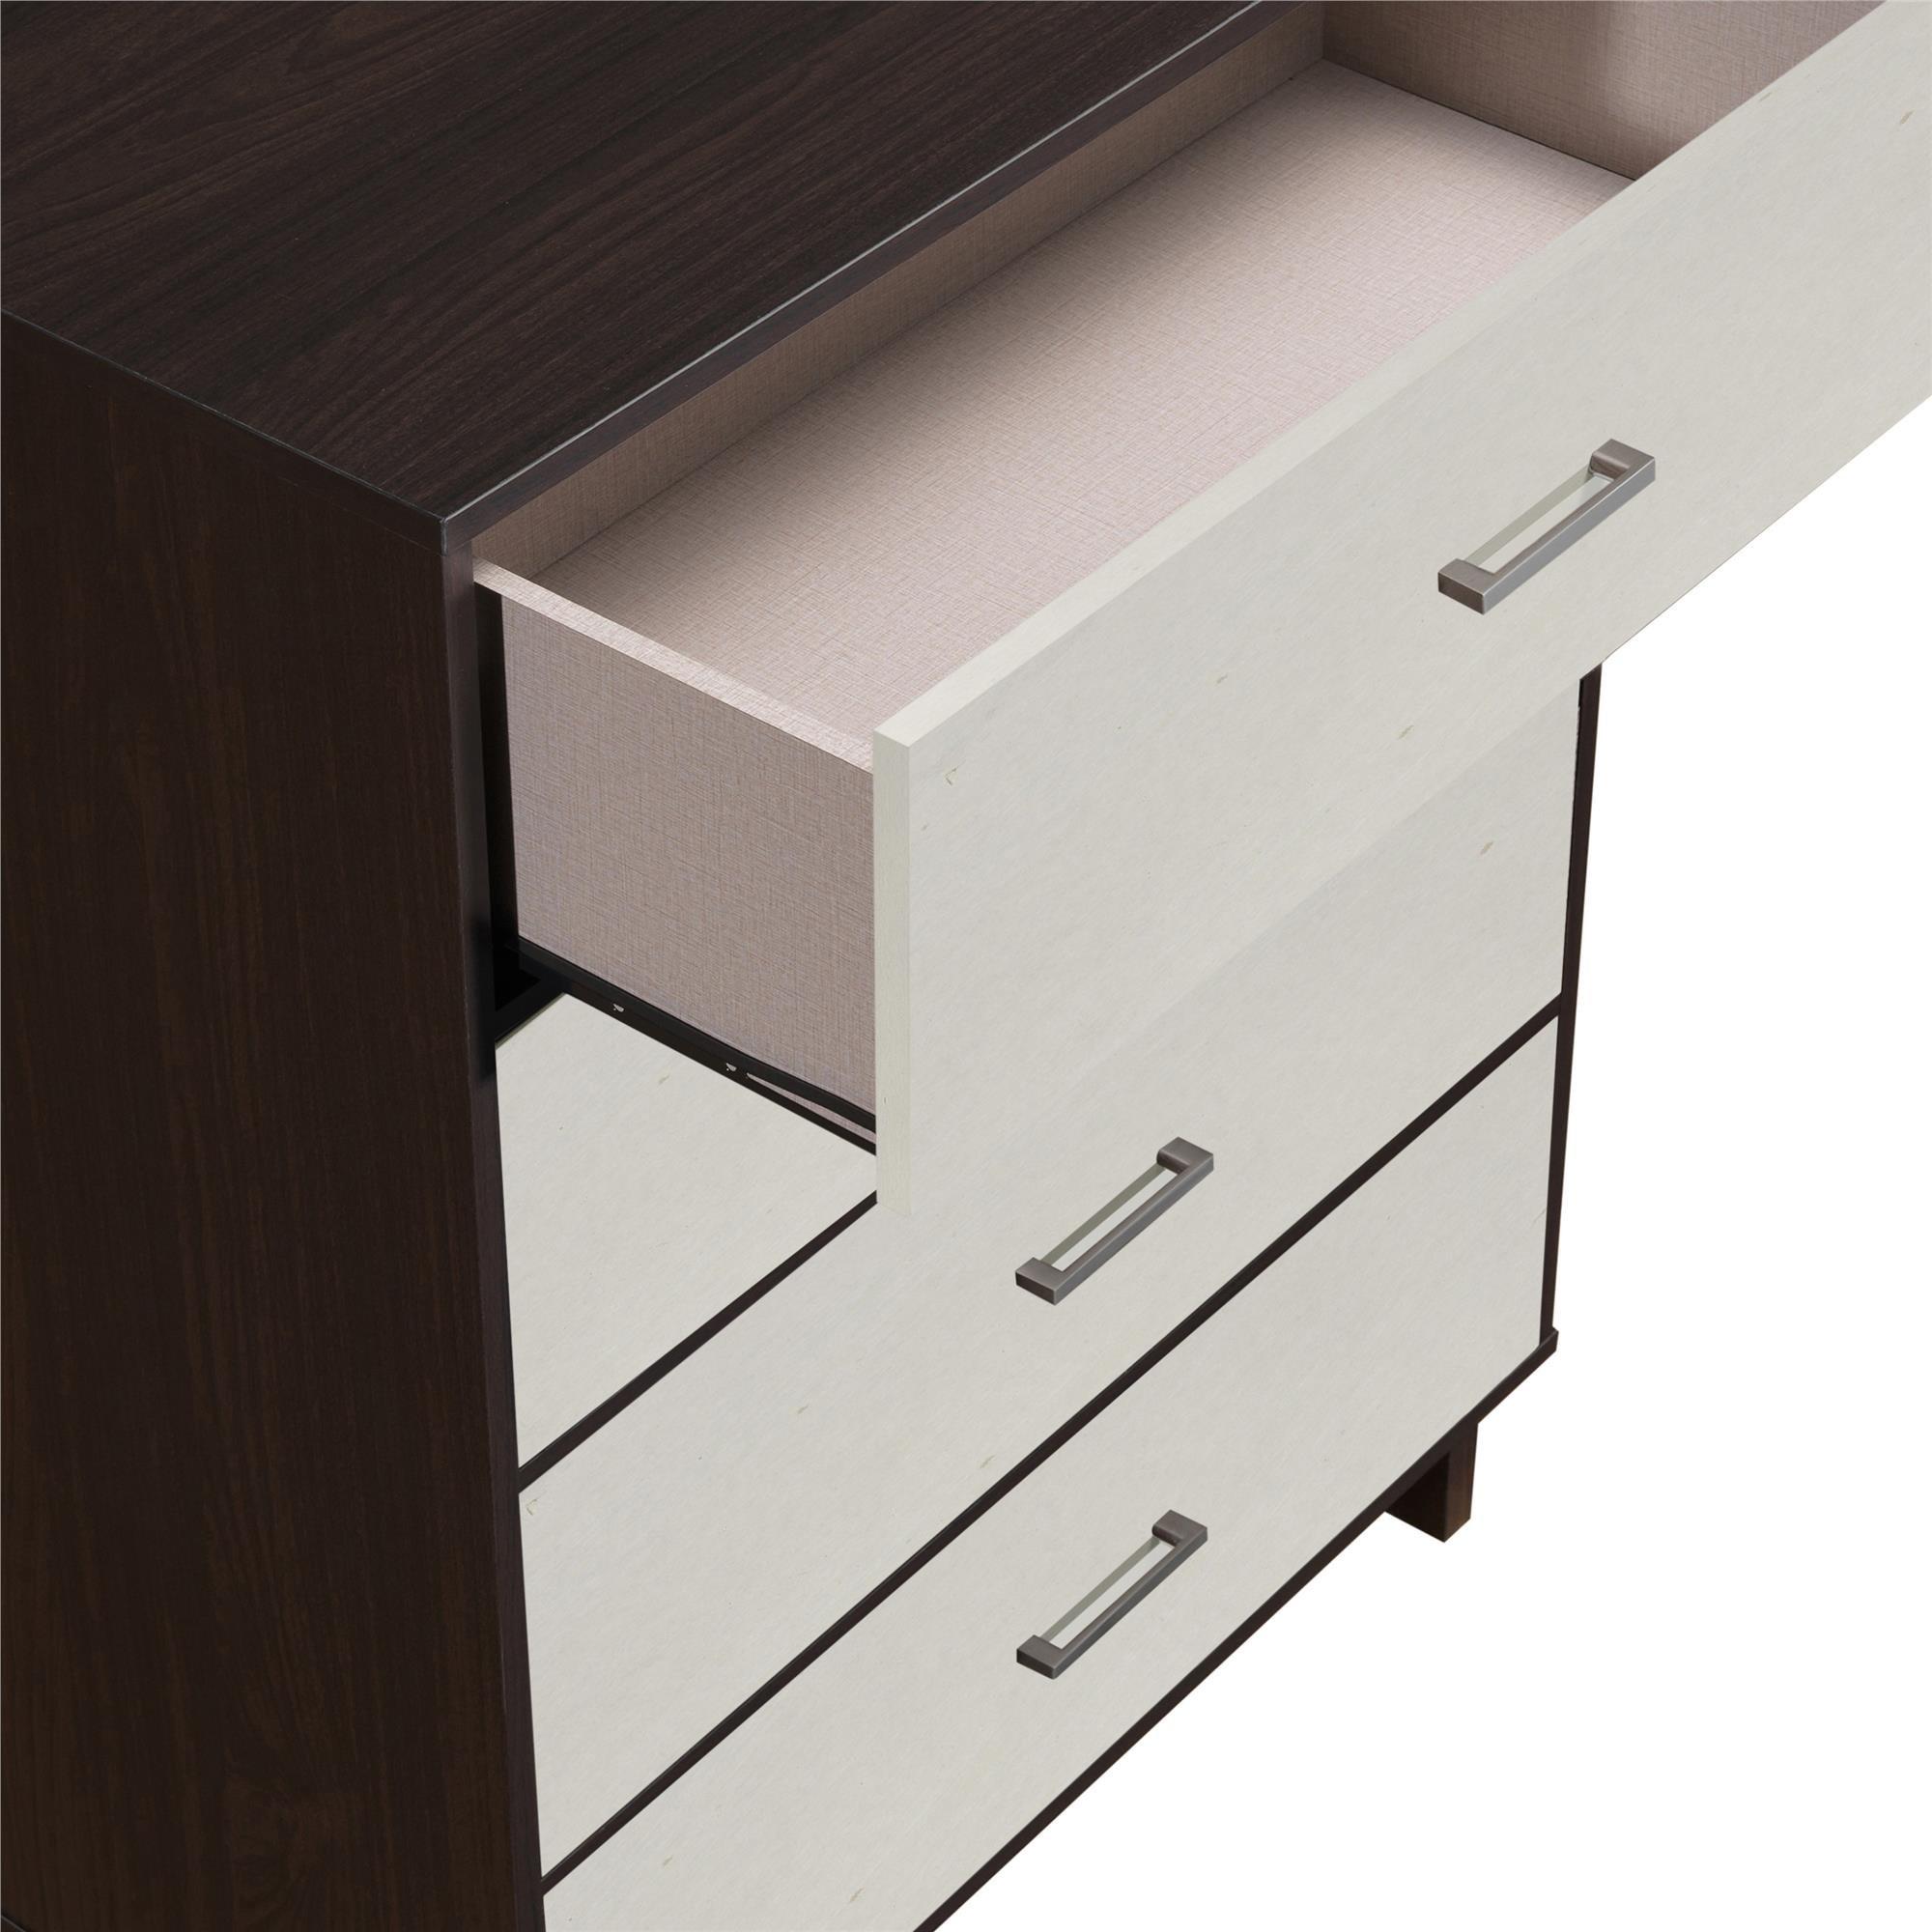 Ameriwood Home Colebrook 4 Drawer Dresser, Espresso/Vintage White